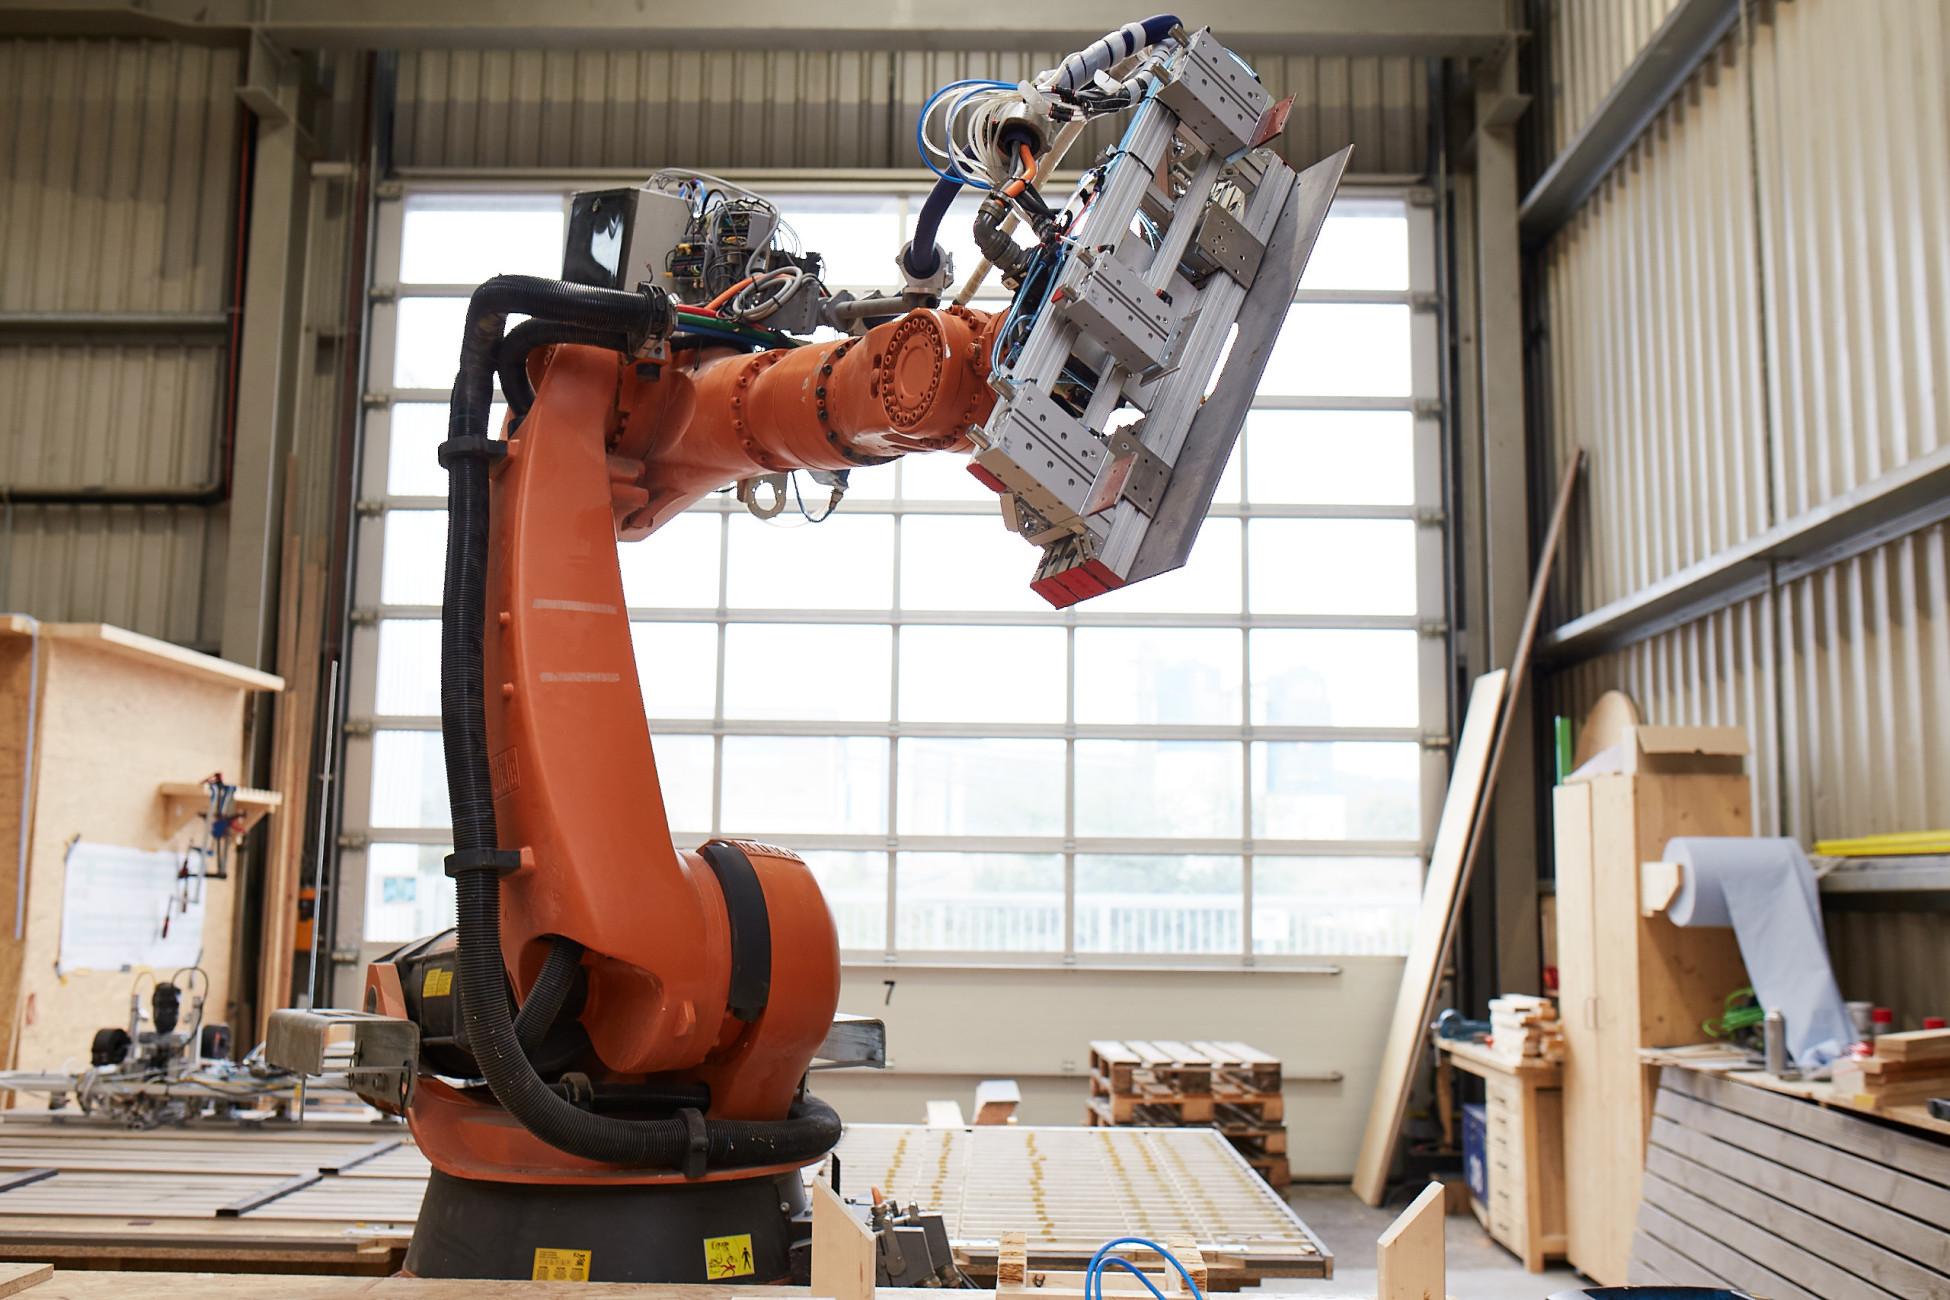 Kuka Roboter im Einsatz